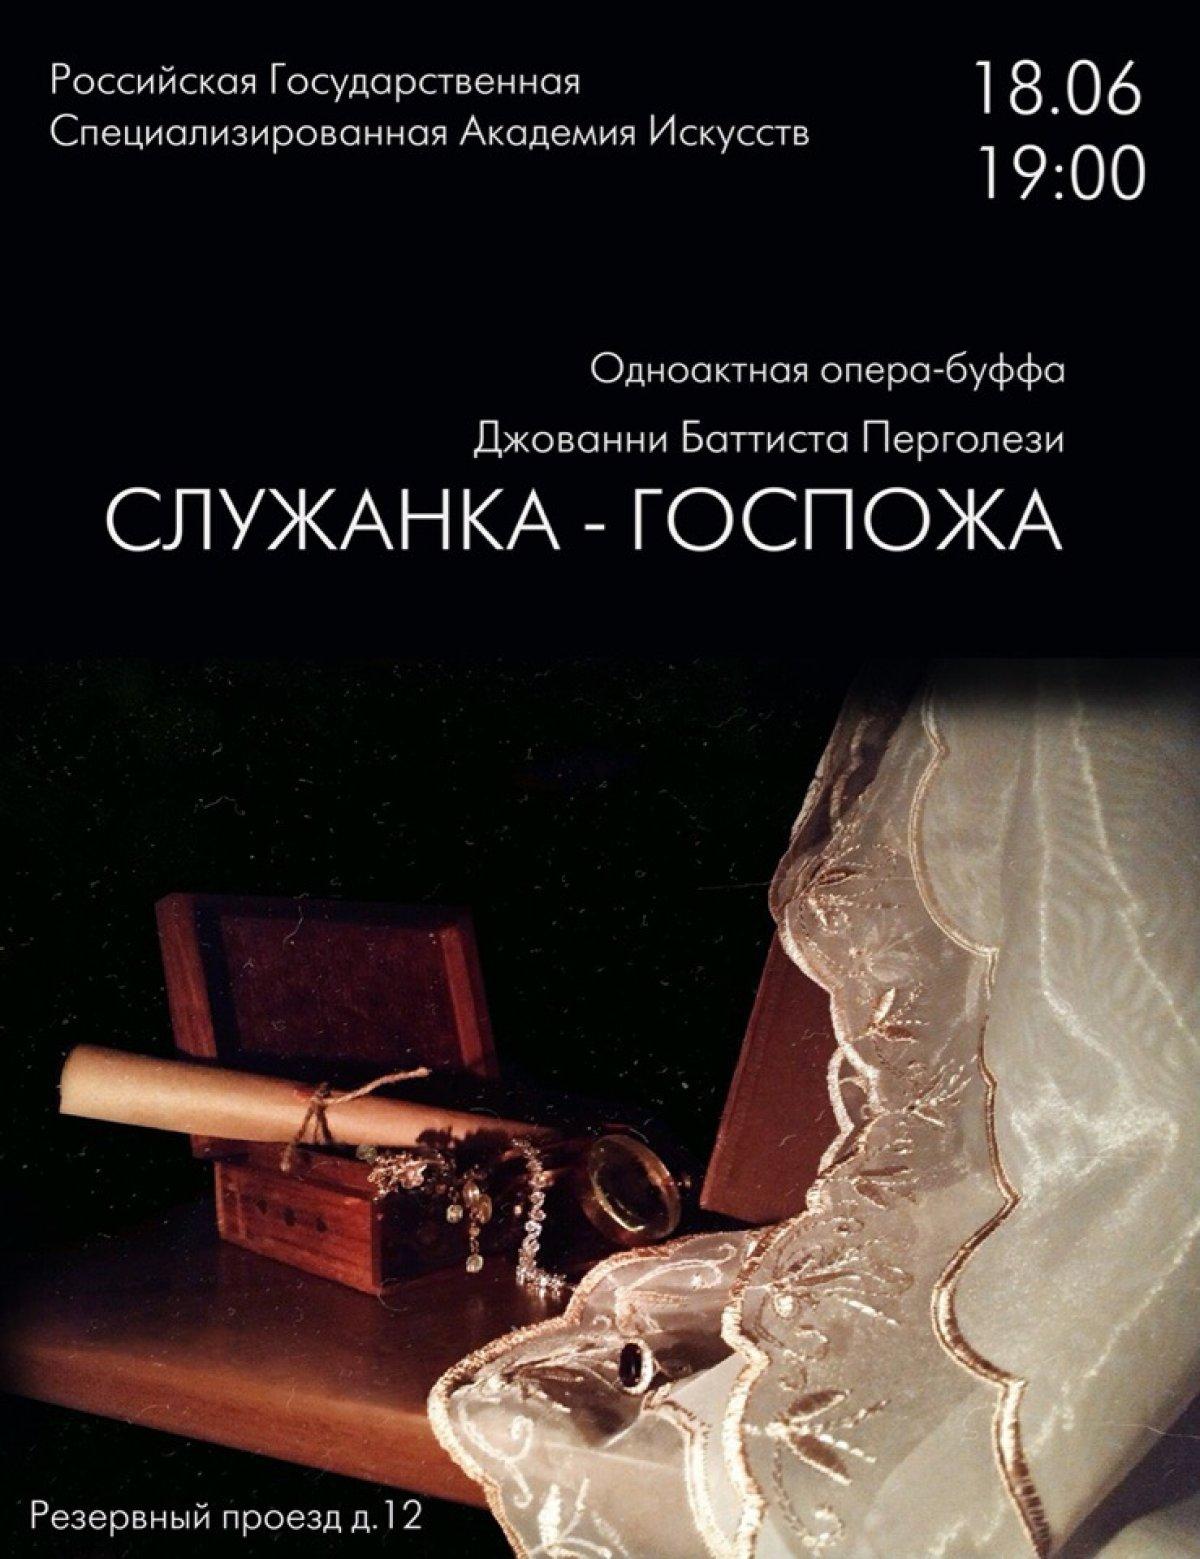 В большом зале РГСАИ 18.06 в 19:00 в рамках фестиваля «Оперный Променад» покажут премьерный спектакль Джованни Баттиста Перголези «Служанка-Госпожа»